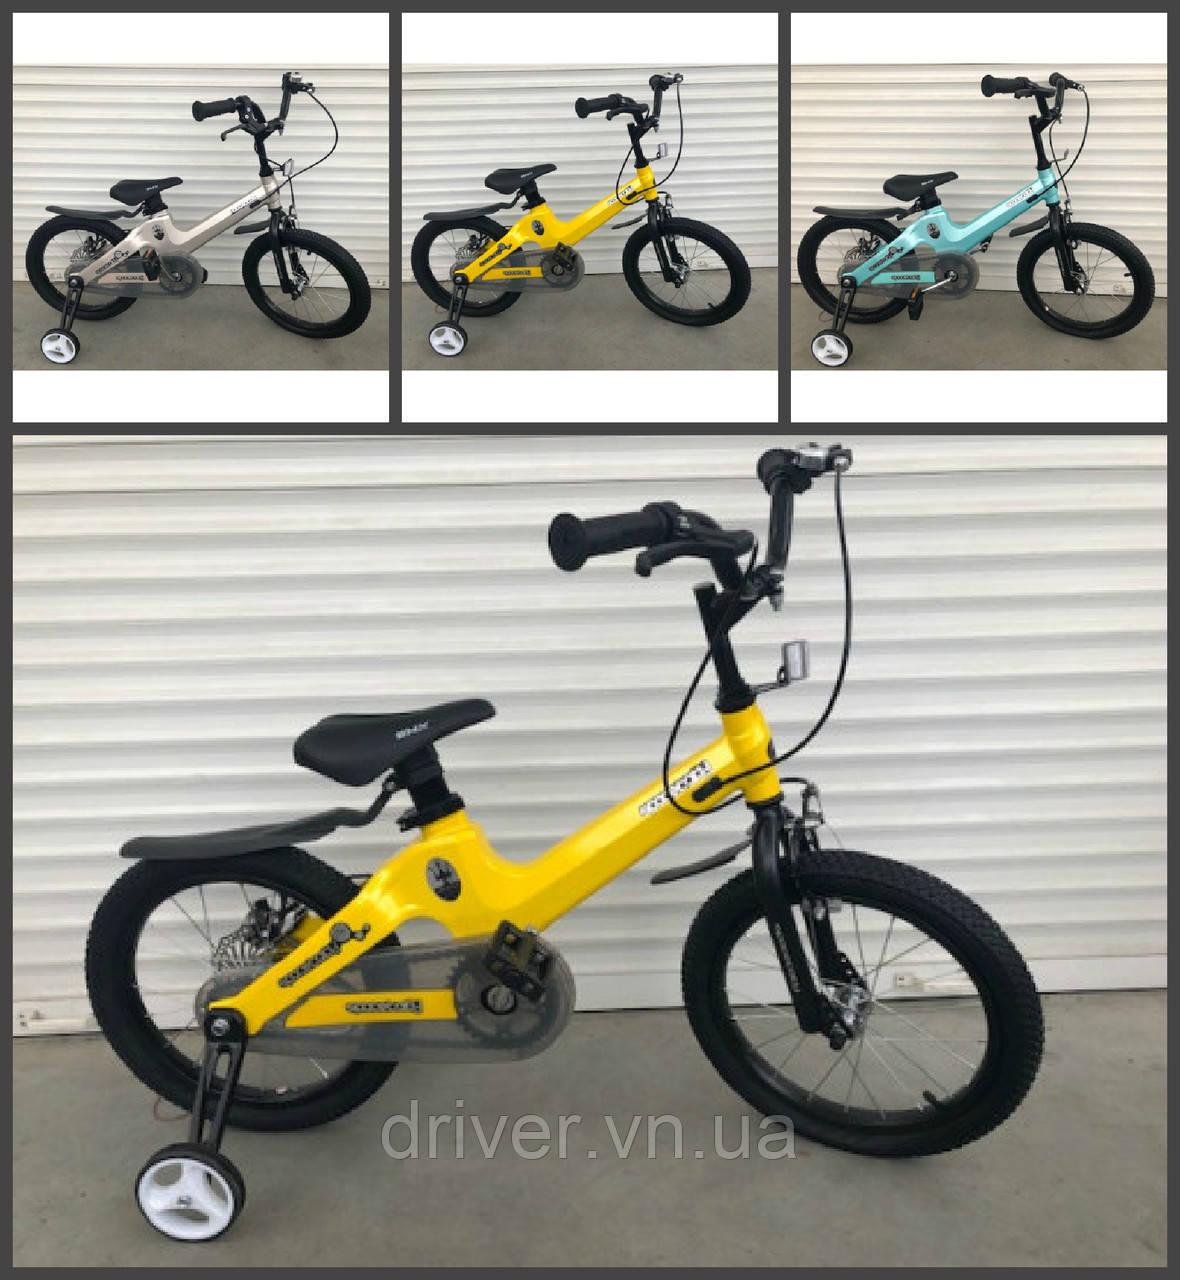 """Велосипед дитячий, 16"""" модель TT-06. Жовтий\бежевий\бірюзовий. Магнієва рама"""